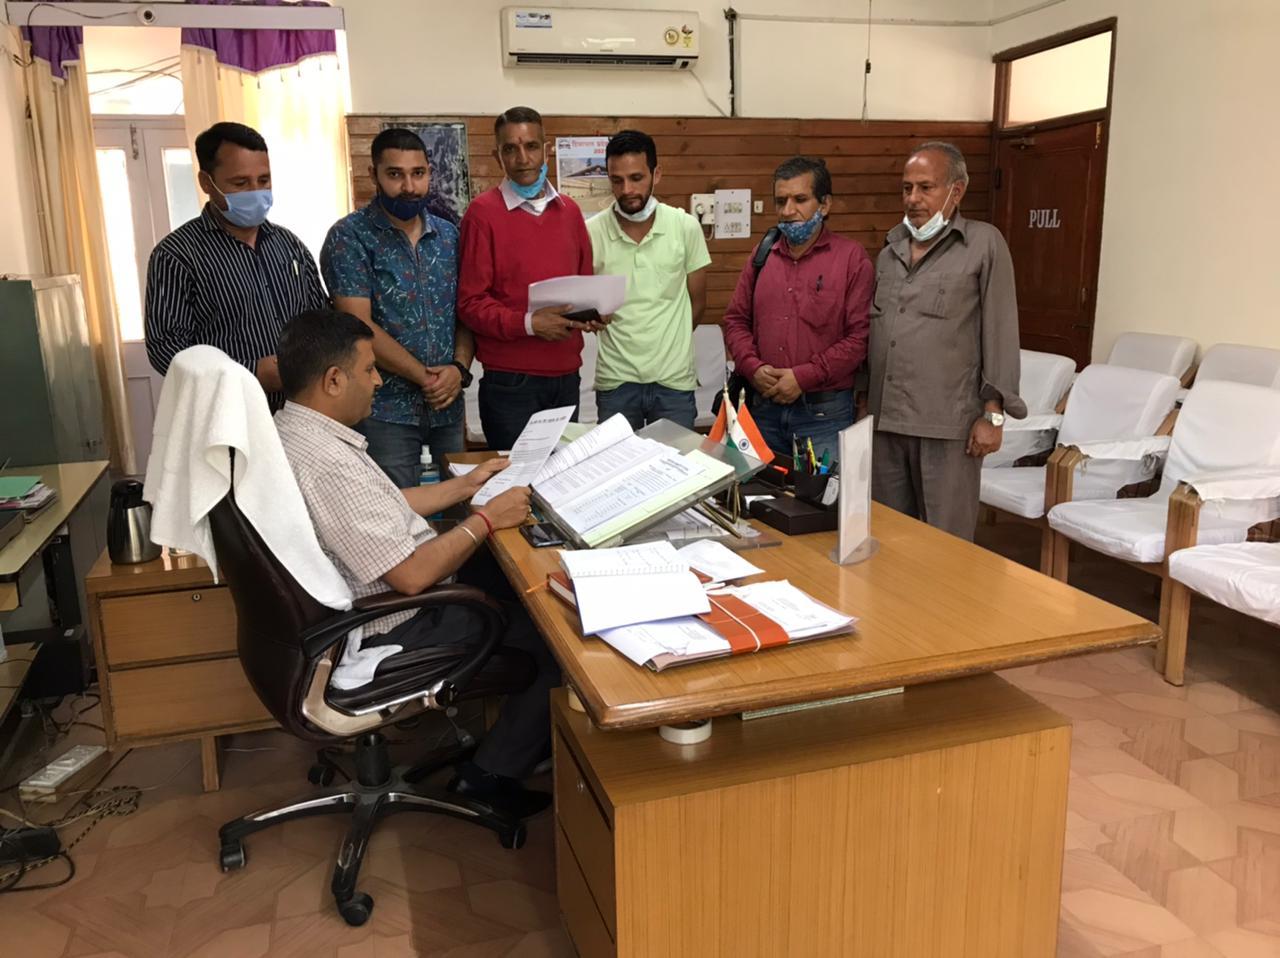 'नोग घोड़ी चार ठहरी परशुराम देव समिति' ने लालसा में पकड़े गए मिशनरियों को सख्त सजा देने के लिए SDM को सौंपा ज्ञापन